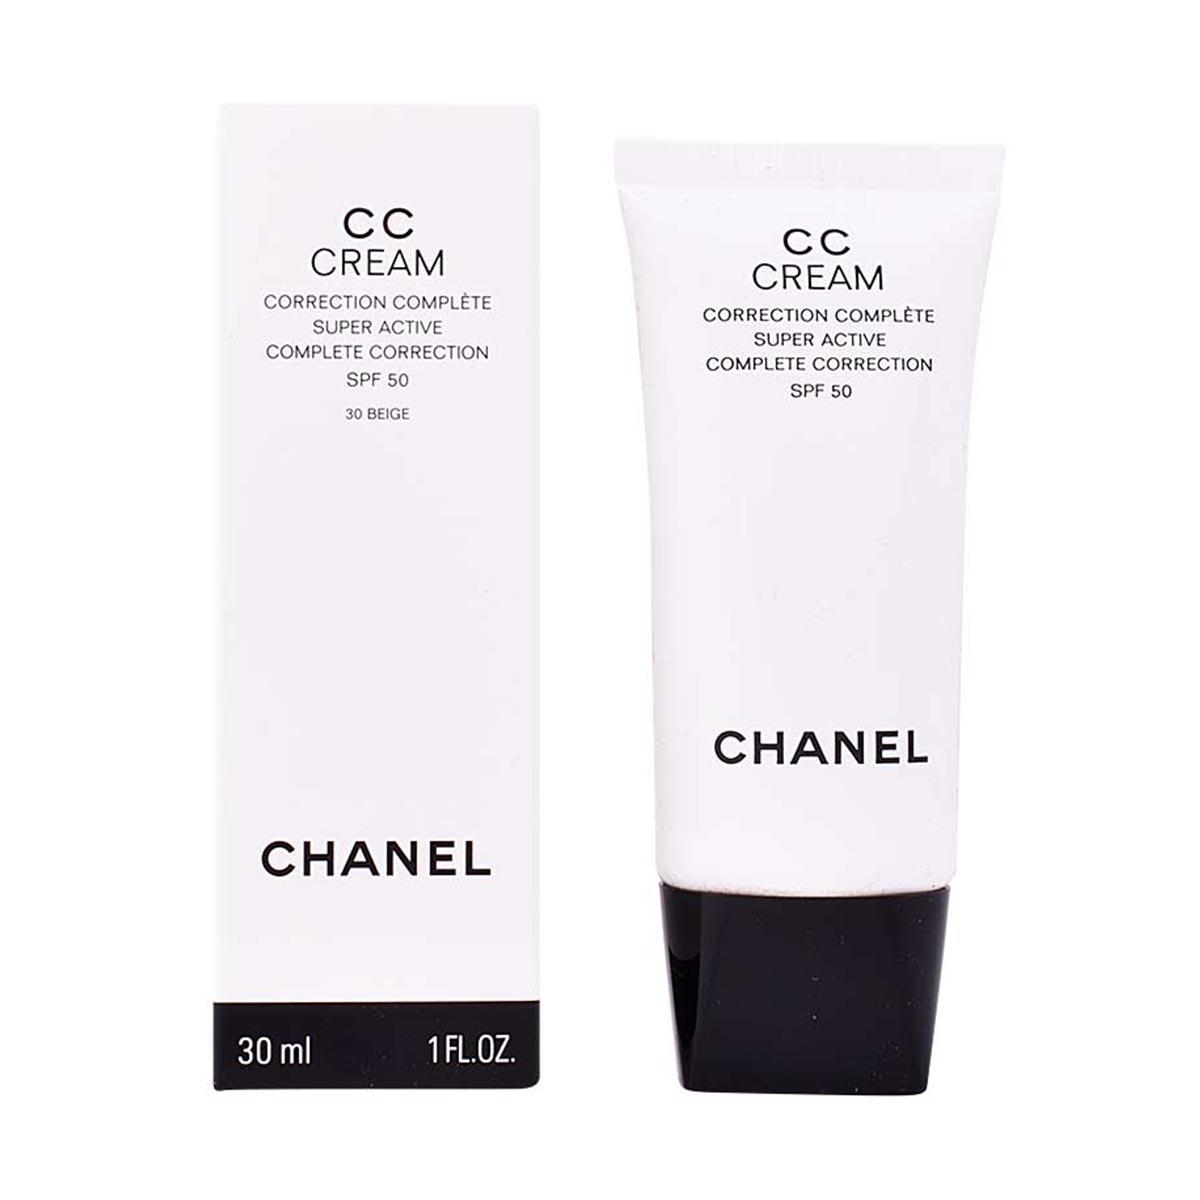 Chanel cosmetica crema cc spf50 b20 30ml